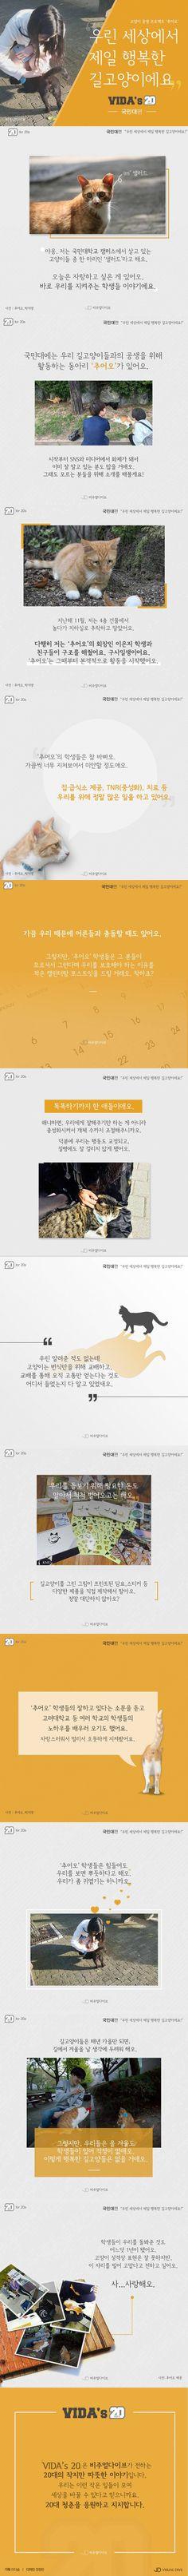 """""""우린 행복한 길고양이"""" 대학생들의 길고양이 공생 프로젝트 '추어오' [카드뉴스] #cat / #cardnews ⓒ 비주얼다이브 무단 복사·전재·재배포 금지"""